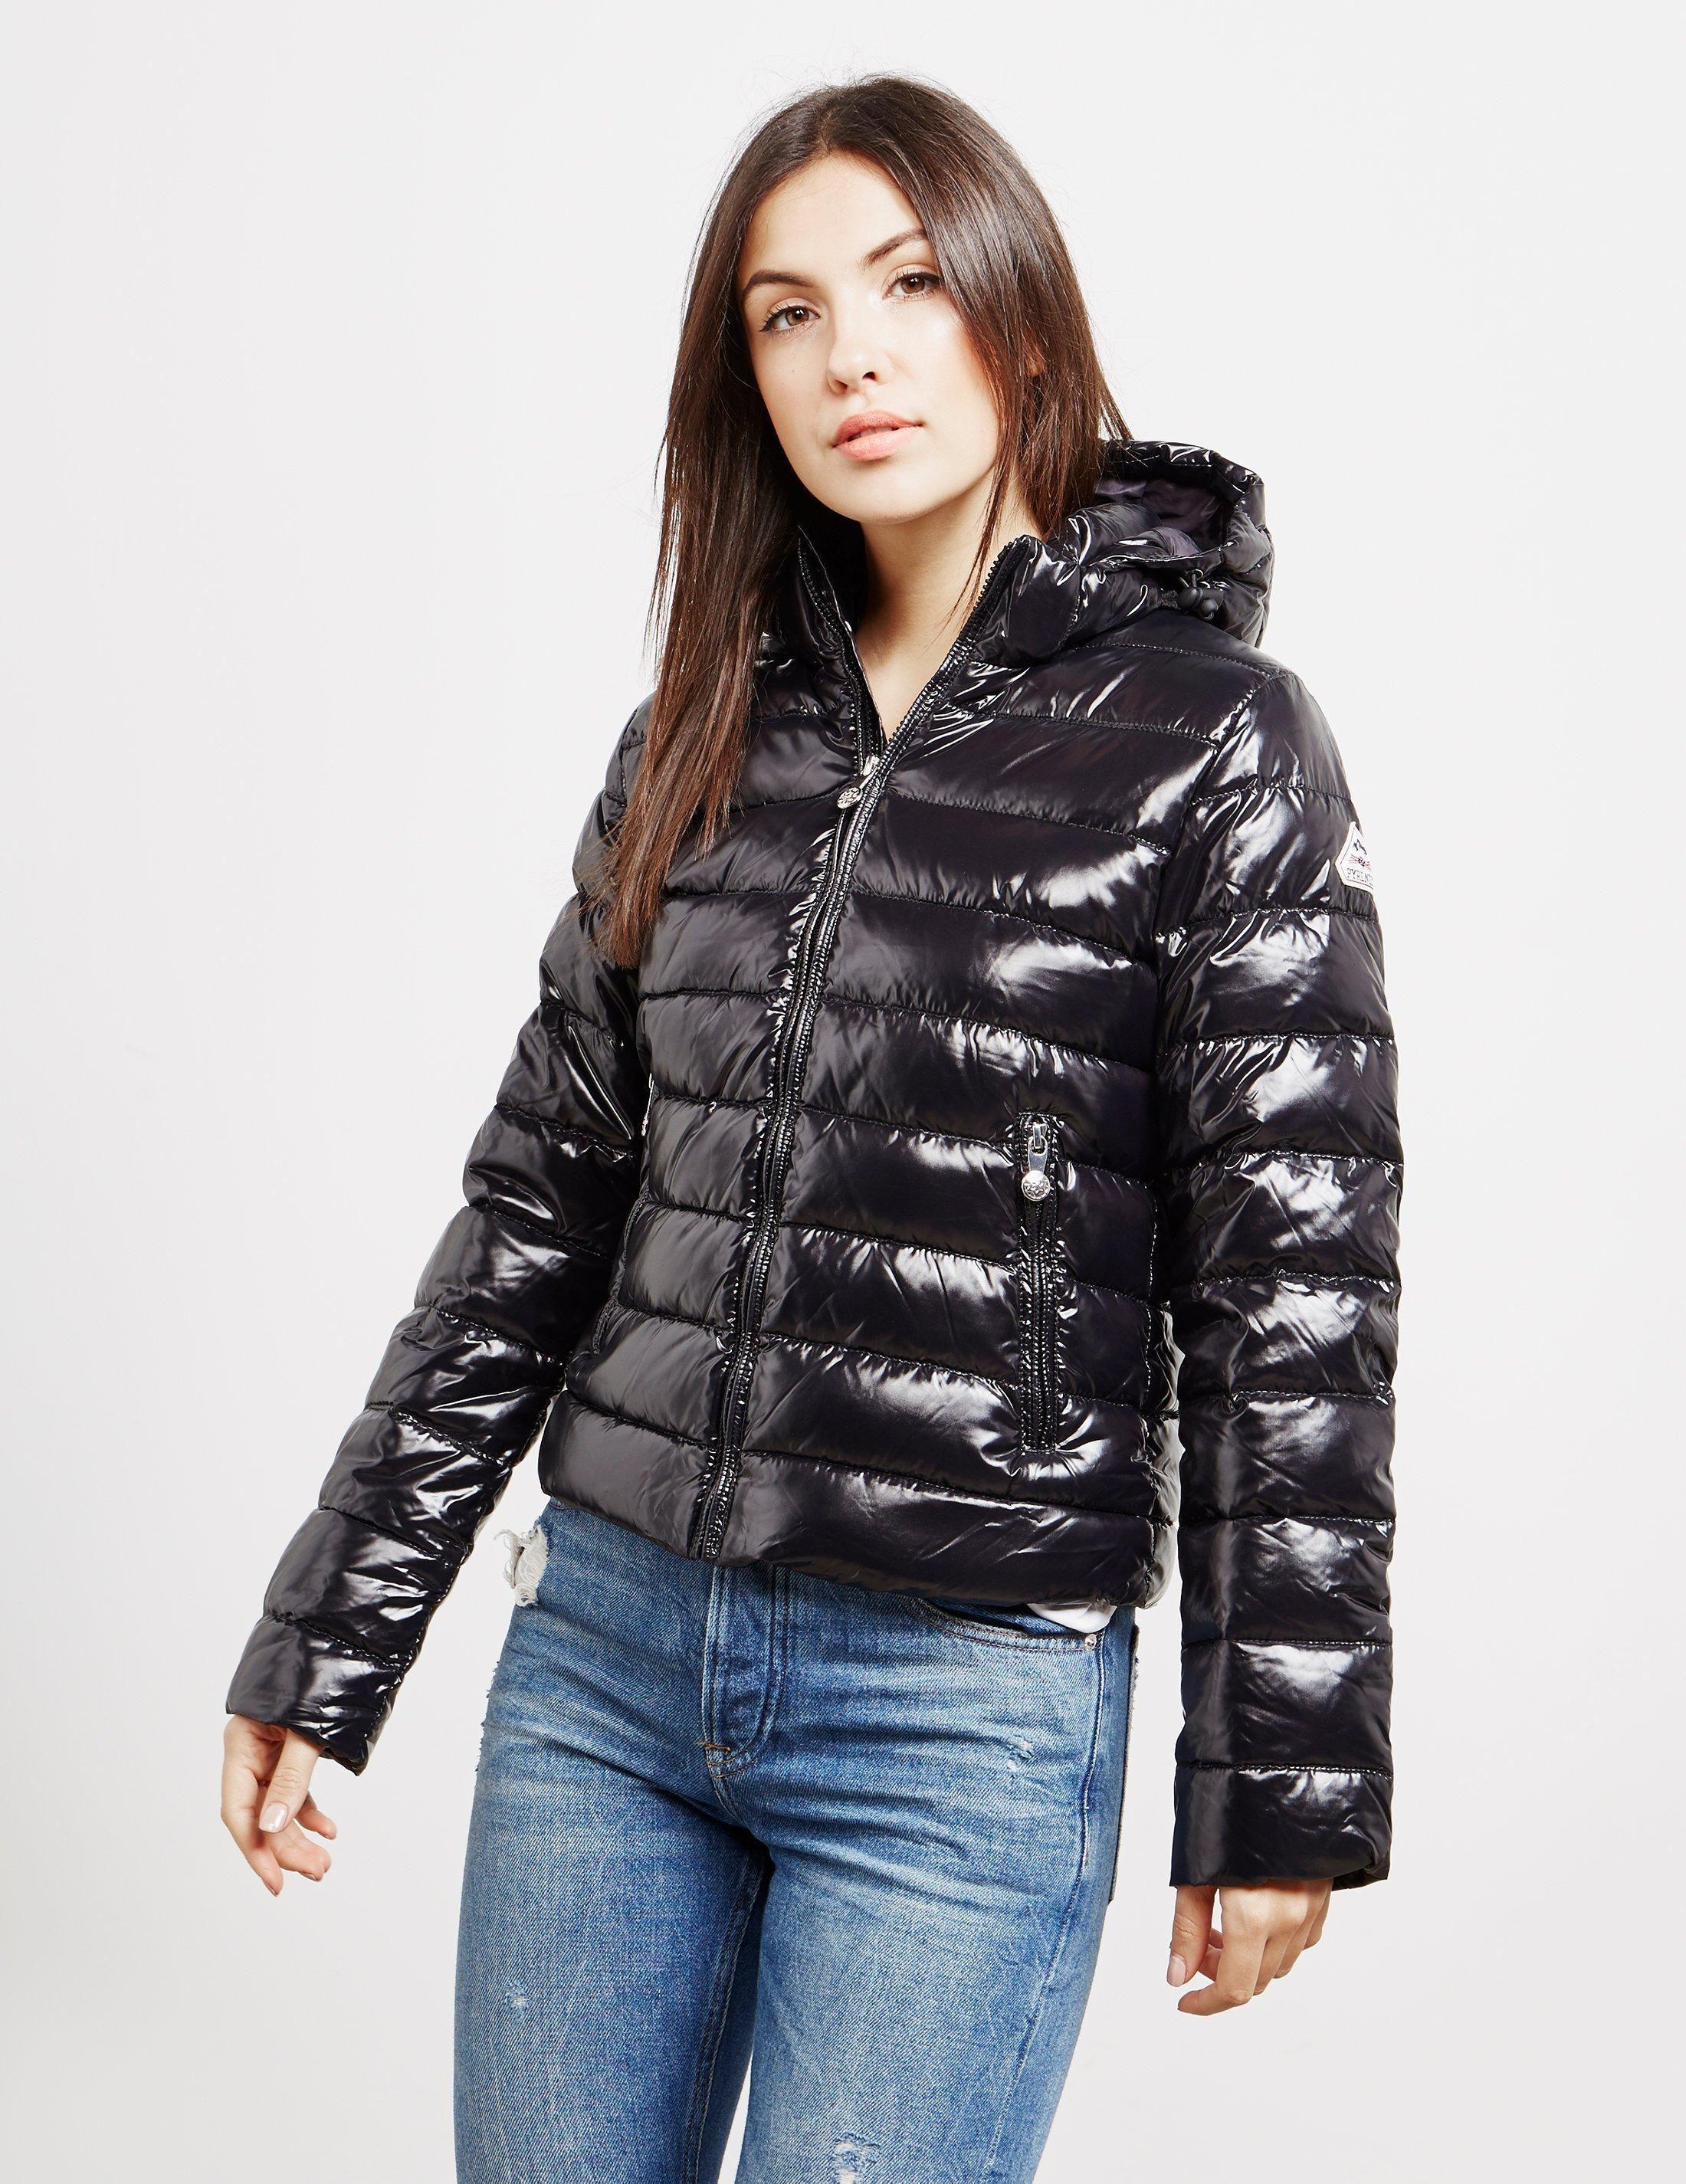 Pyrenex Spoutnic Shiny Jacket Black Jackets, Fashion